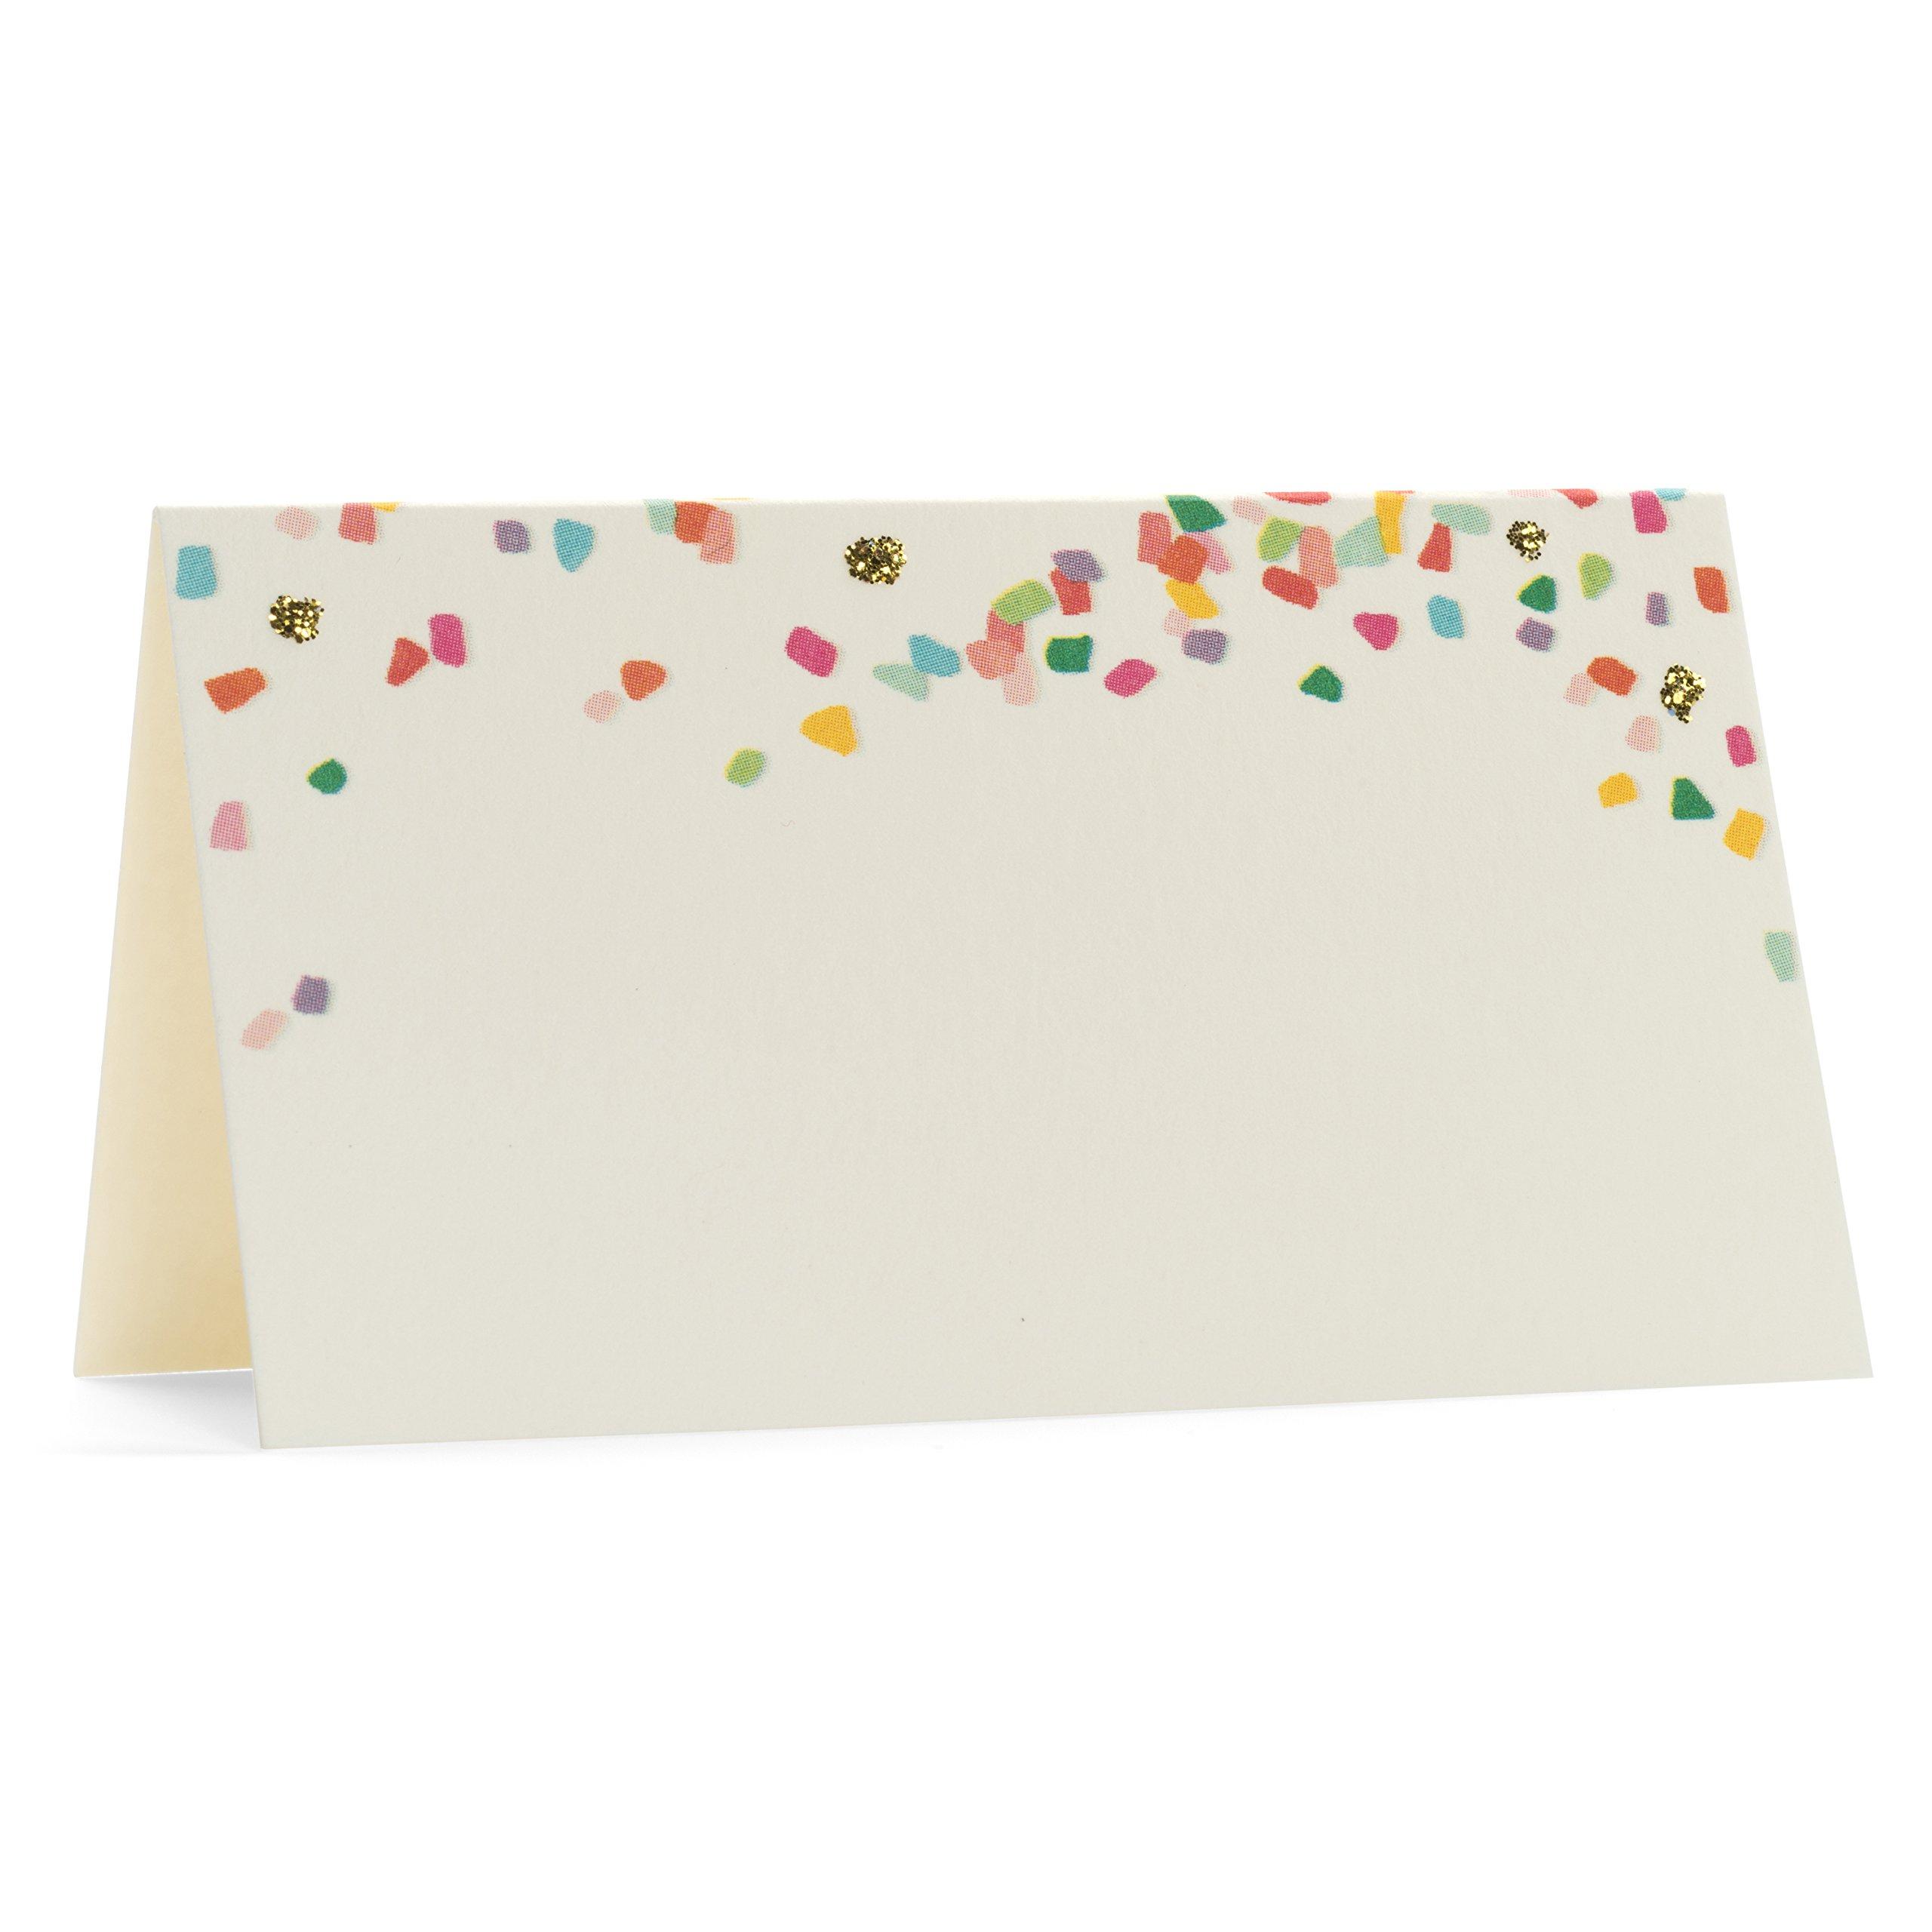 Karen Adams Place Card Set of 10 Confetti by Karen Adams